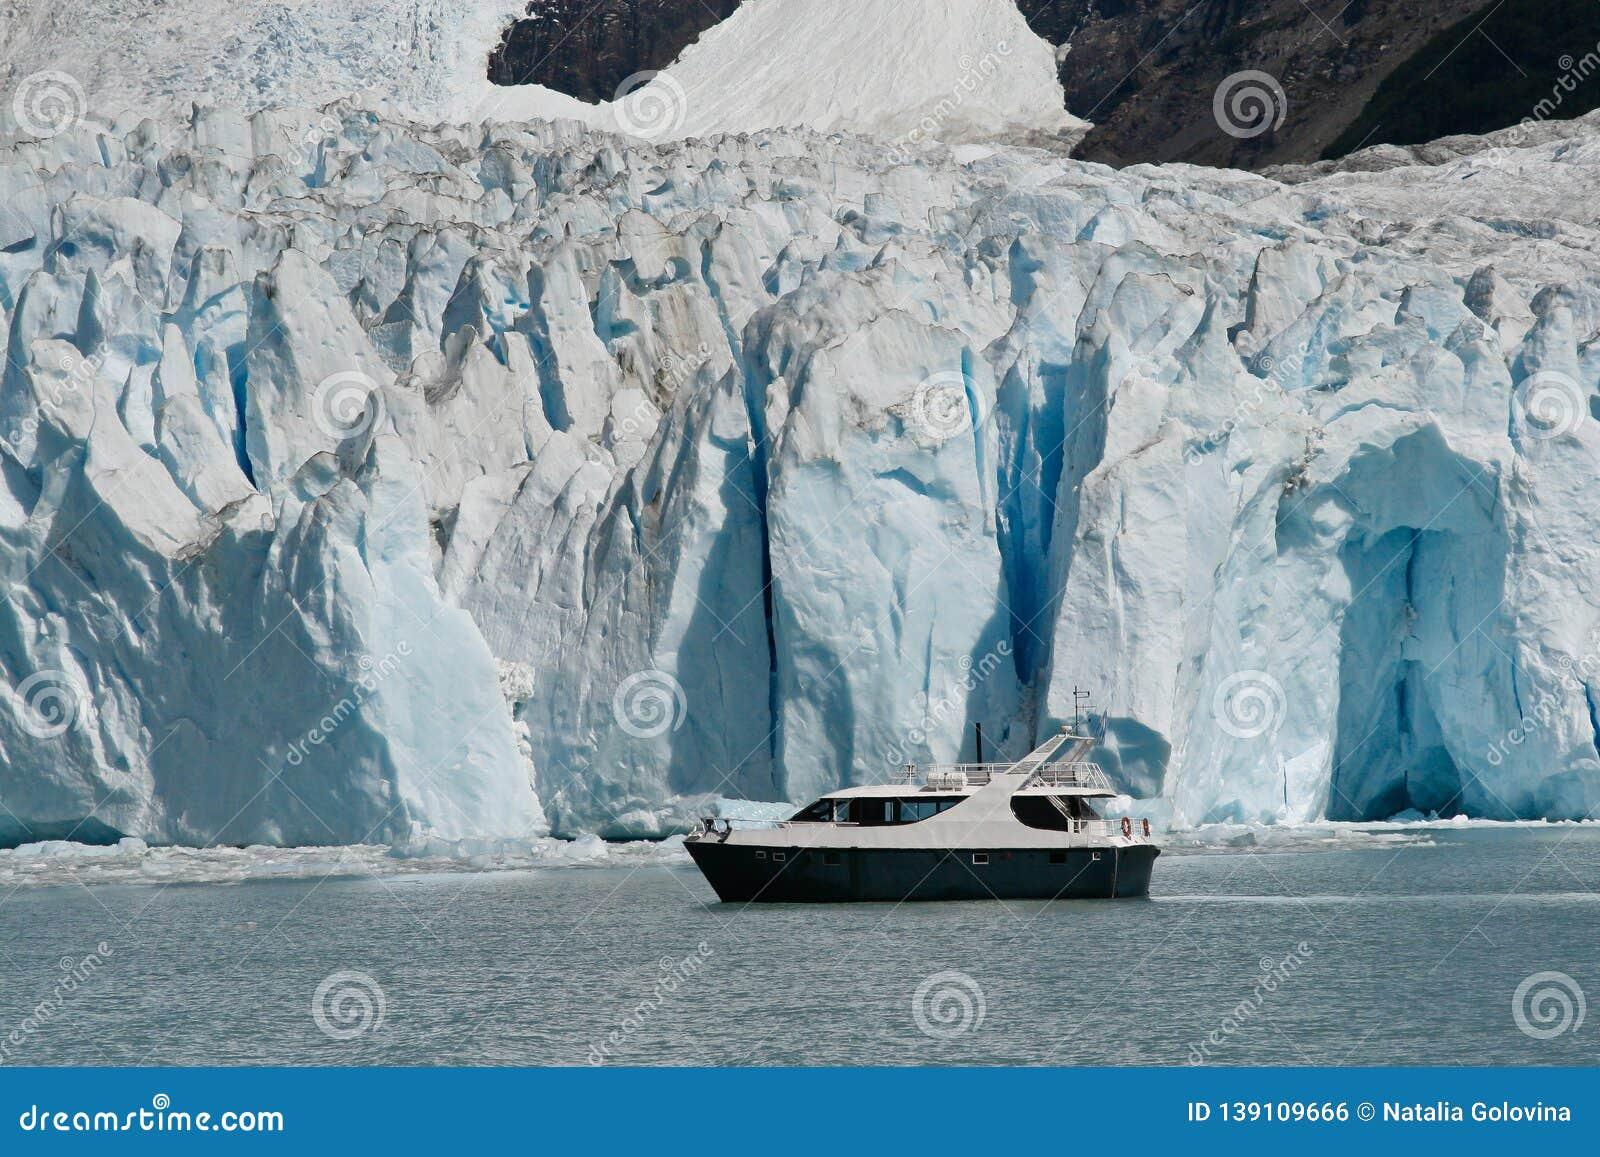 Boat at glacier Perito Moreno in El Calafate, Patagonia, Argentina